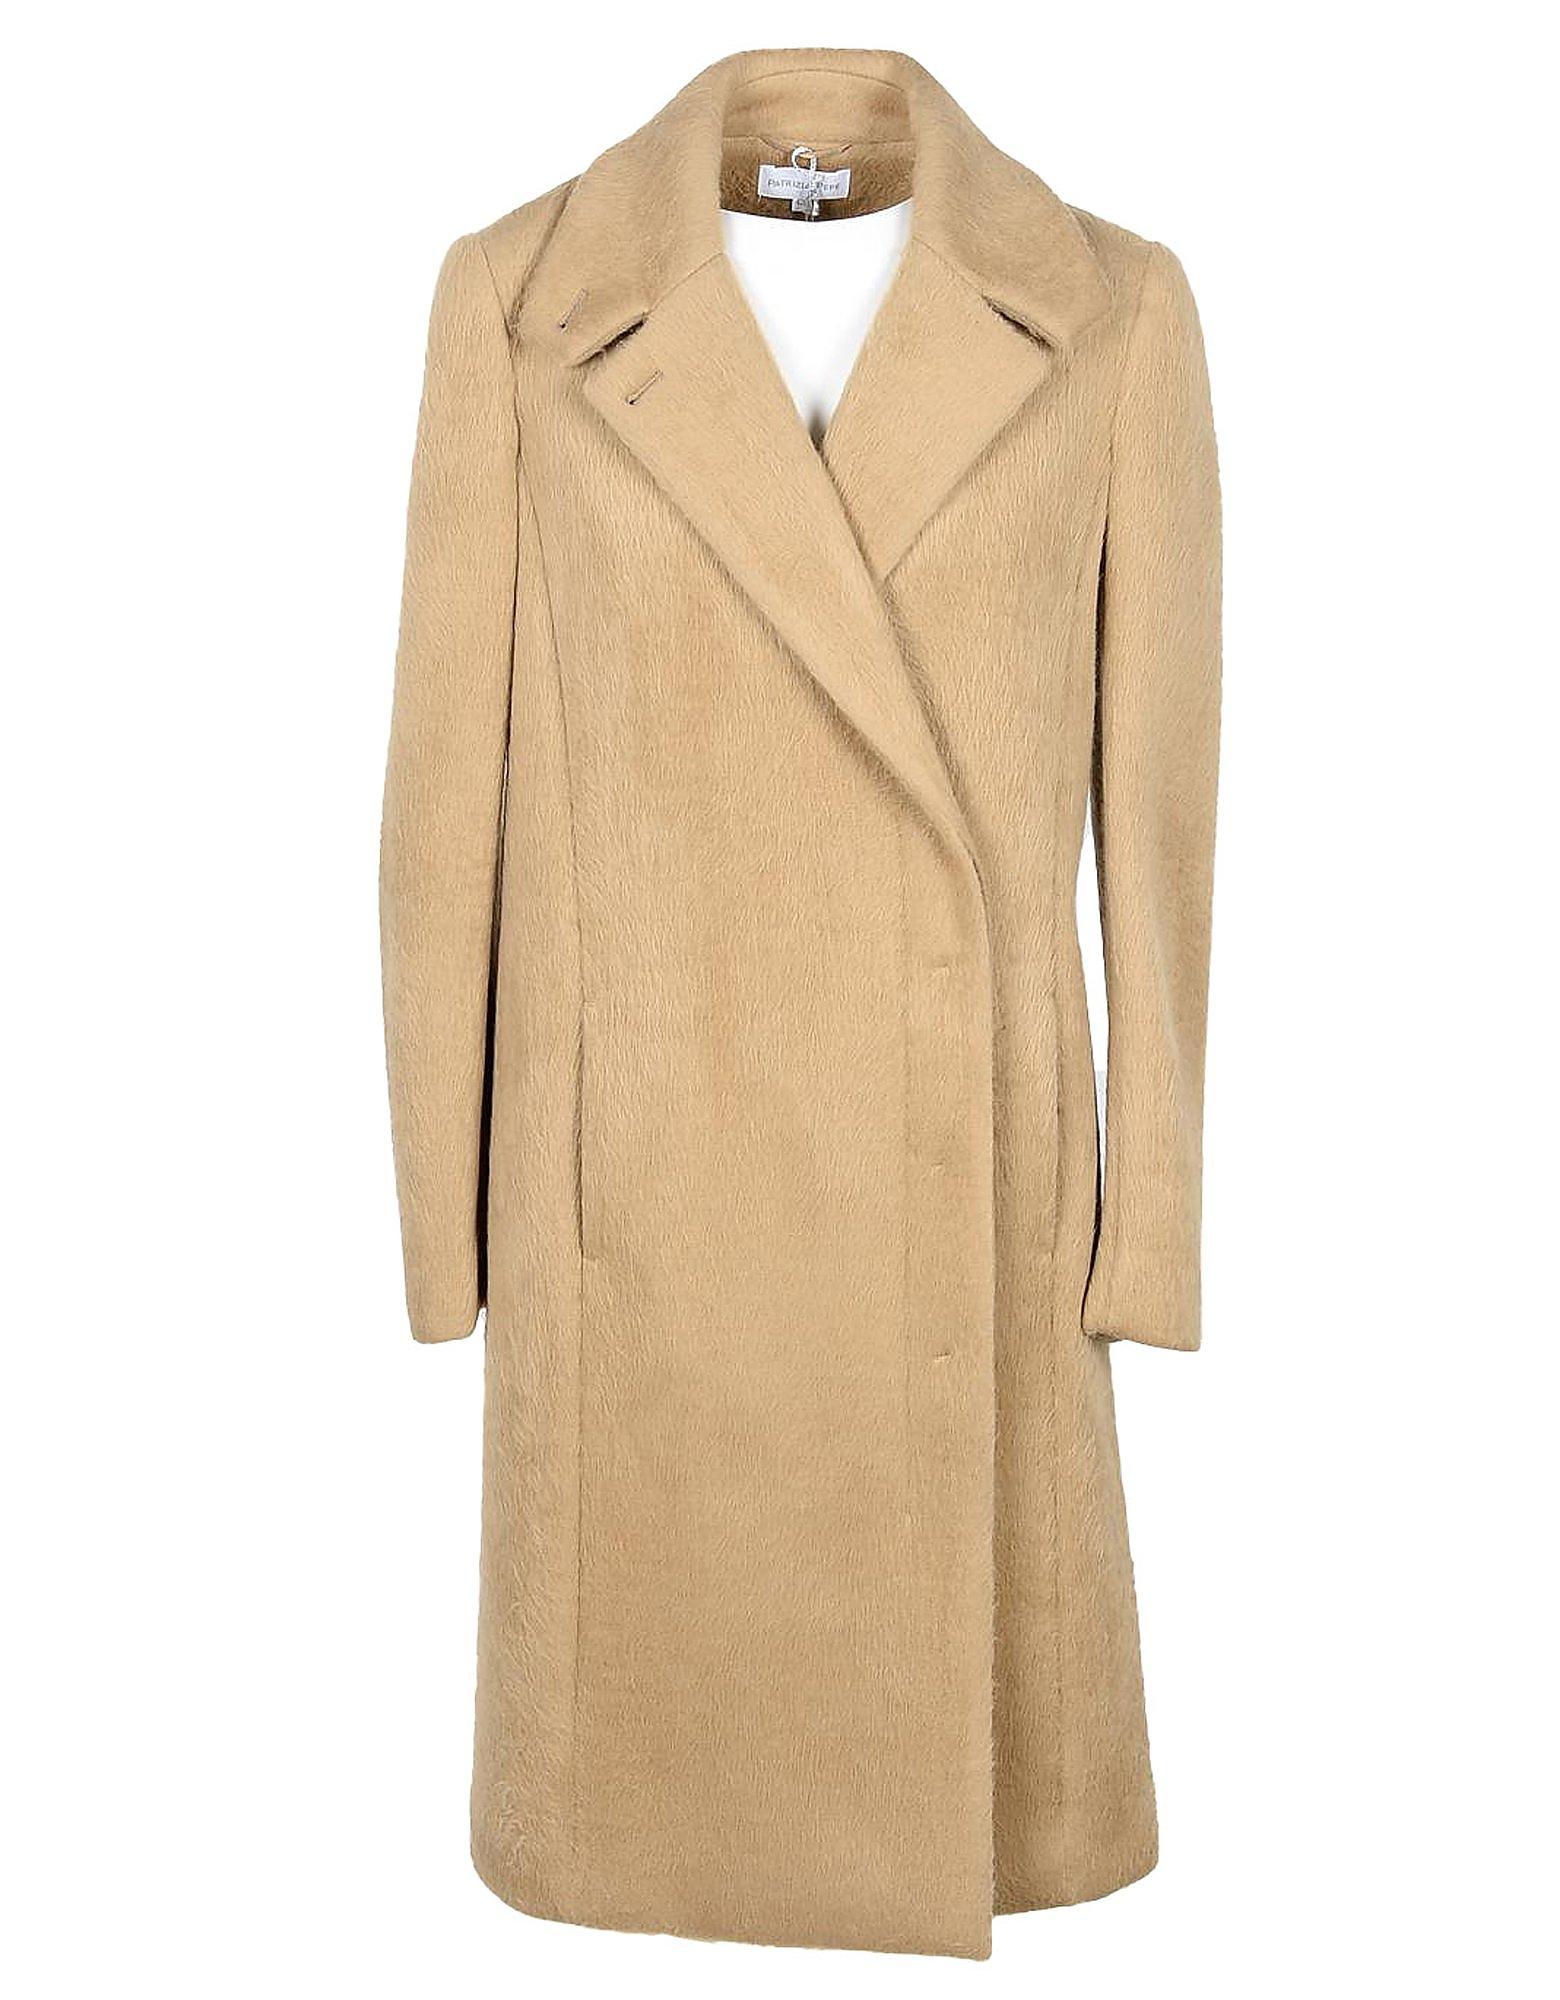 Patrizia Pepe Designer Coats & Jackets, Women's Beige Coat